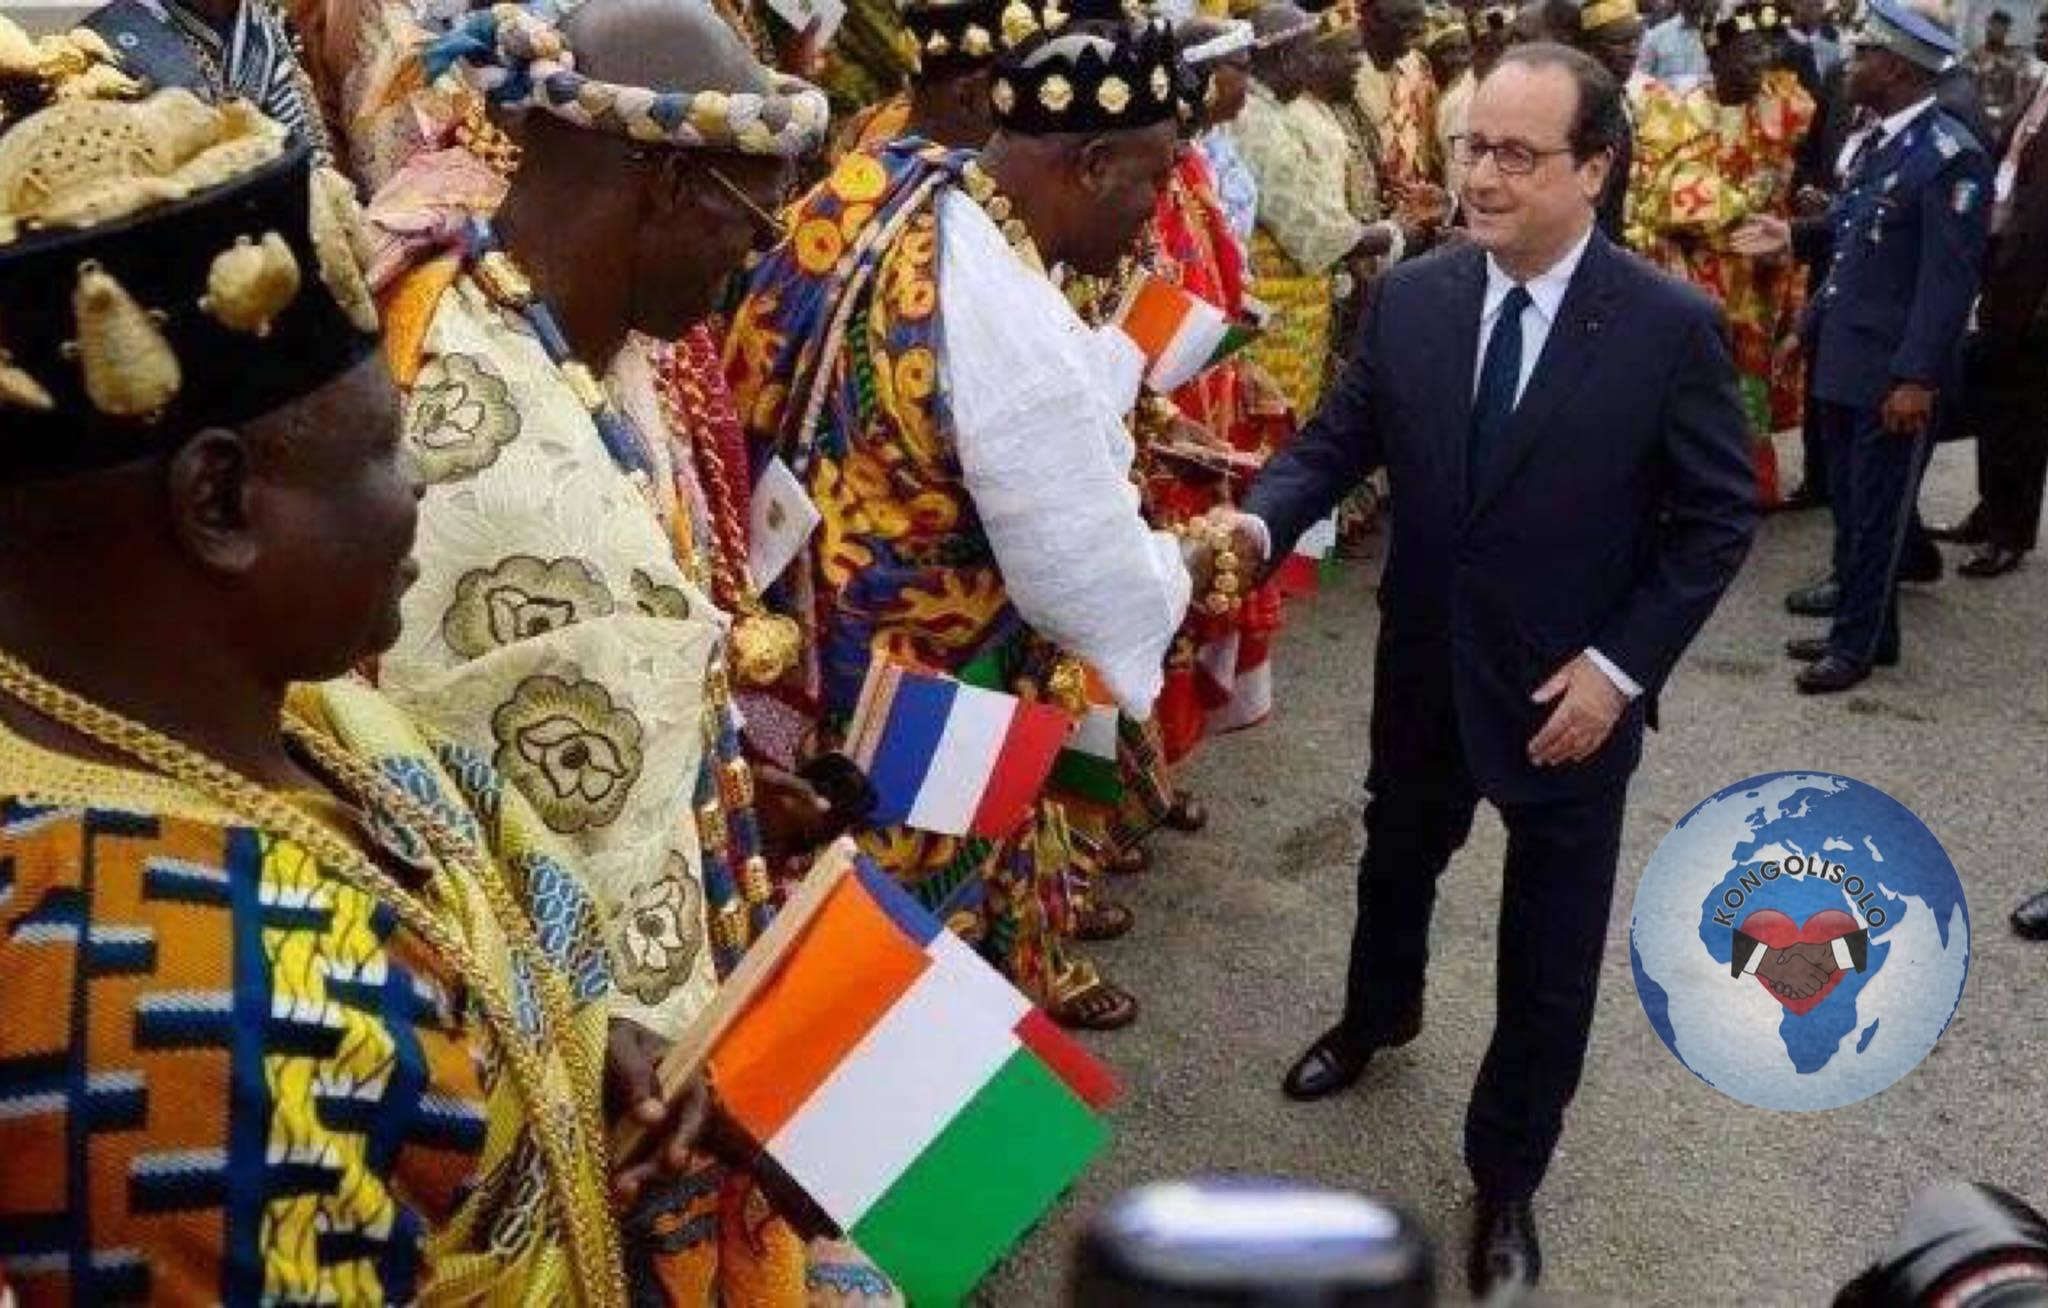 Que les noirs cessent de s'auto-aliéner ... Le dernier pharaon, Cheikh Anta Diop disait aux jeunes de Niamey en 1984 : « Je crois que le mal que l'occupant nous a fait n'est pas encore guéri ... Voilà le fond du problème »